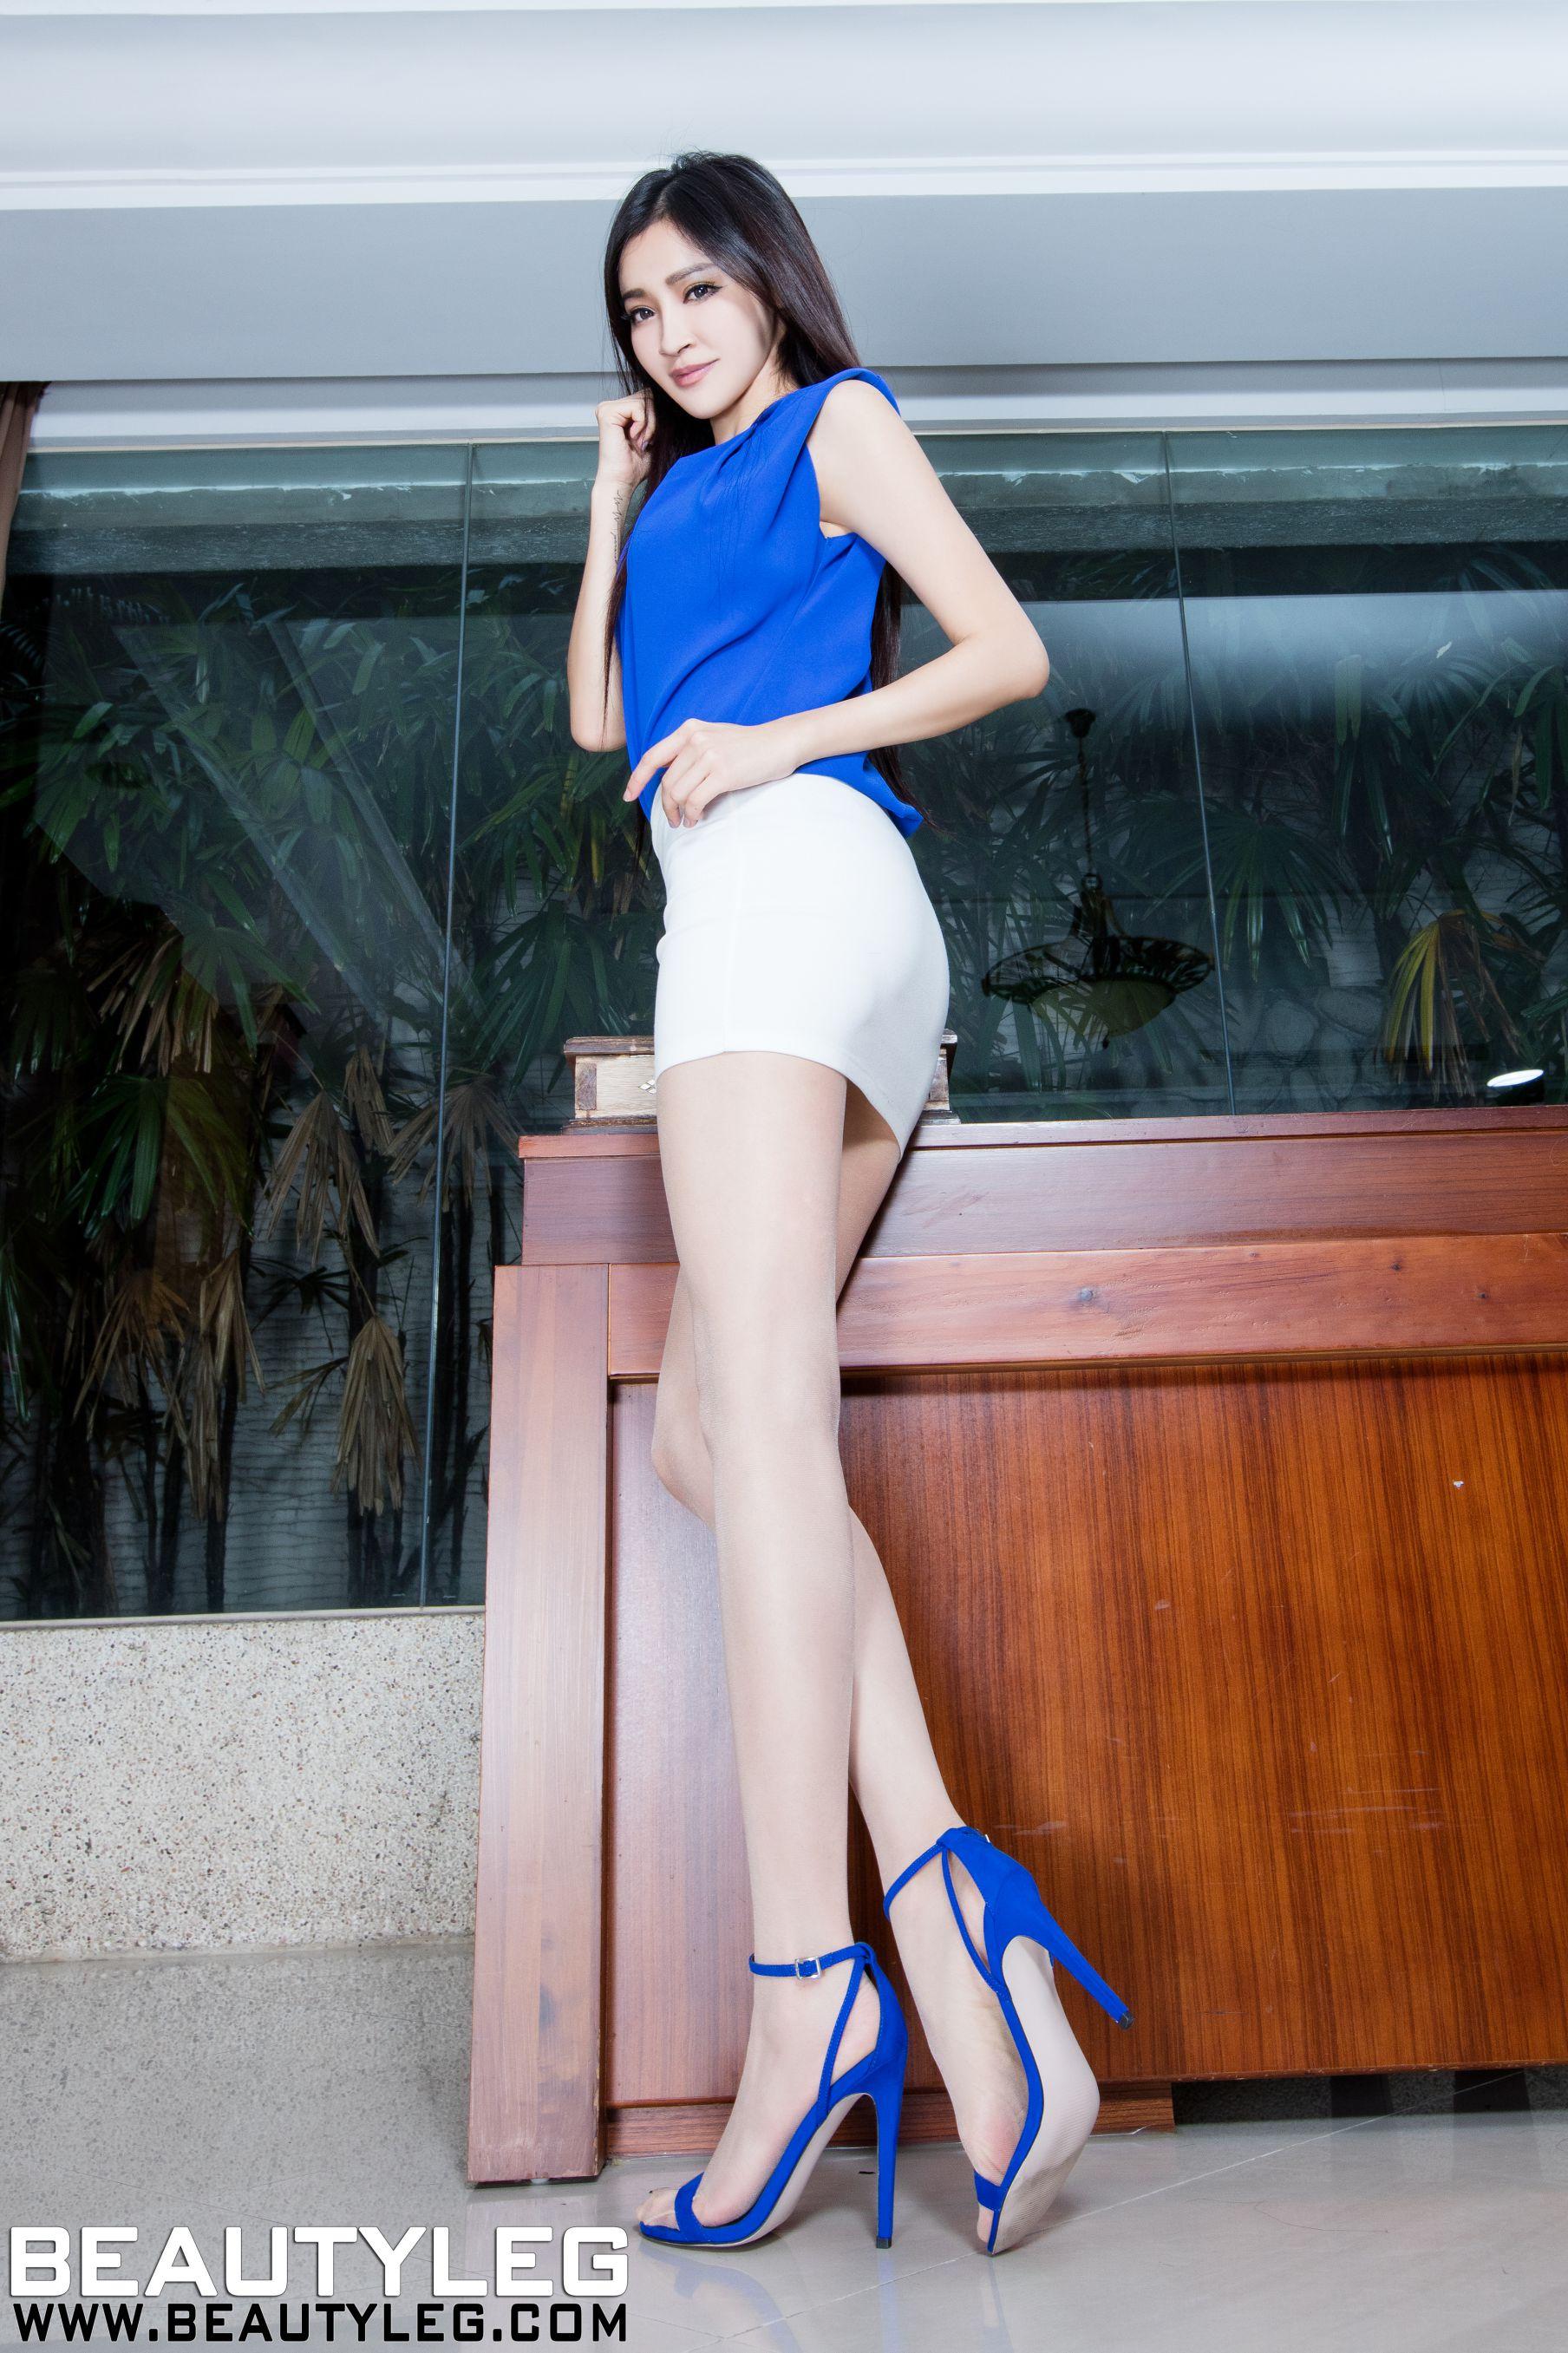 VOL.959 [Beautyleg]美腿红色丝袜吊带丝袜:詹艾葳(腿模Avril,腿模Arvil)超高清个人性感漂亮大图(48P)